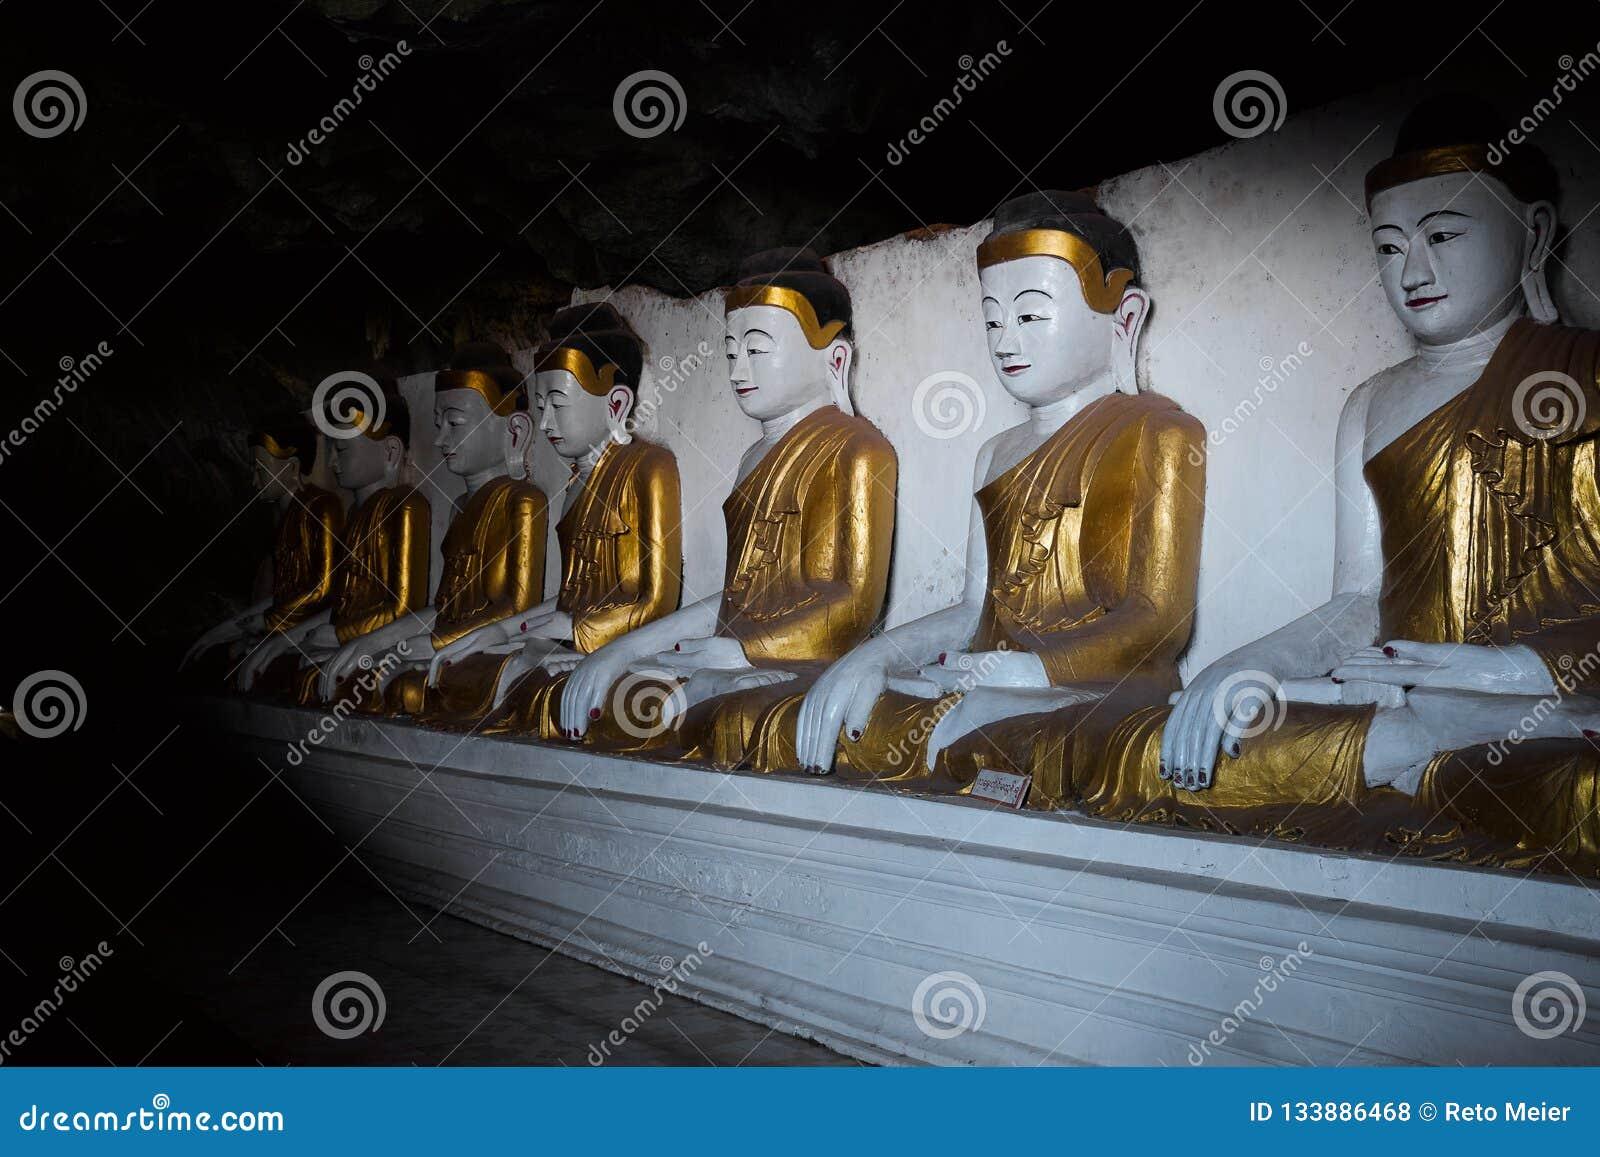 Buddhas в пещере в Мьянме